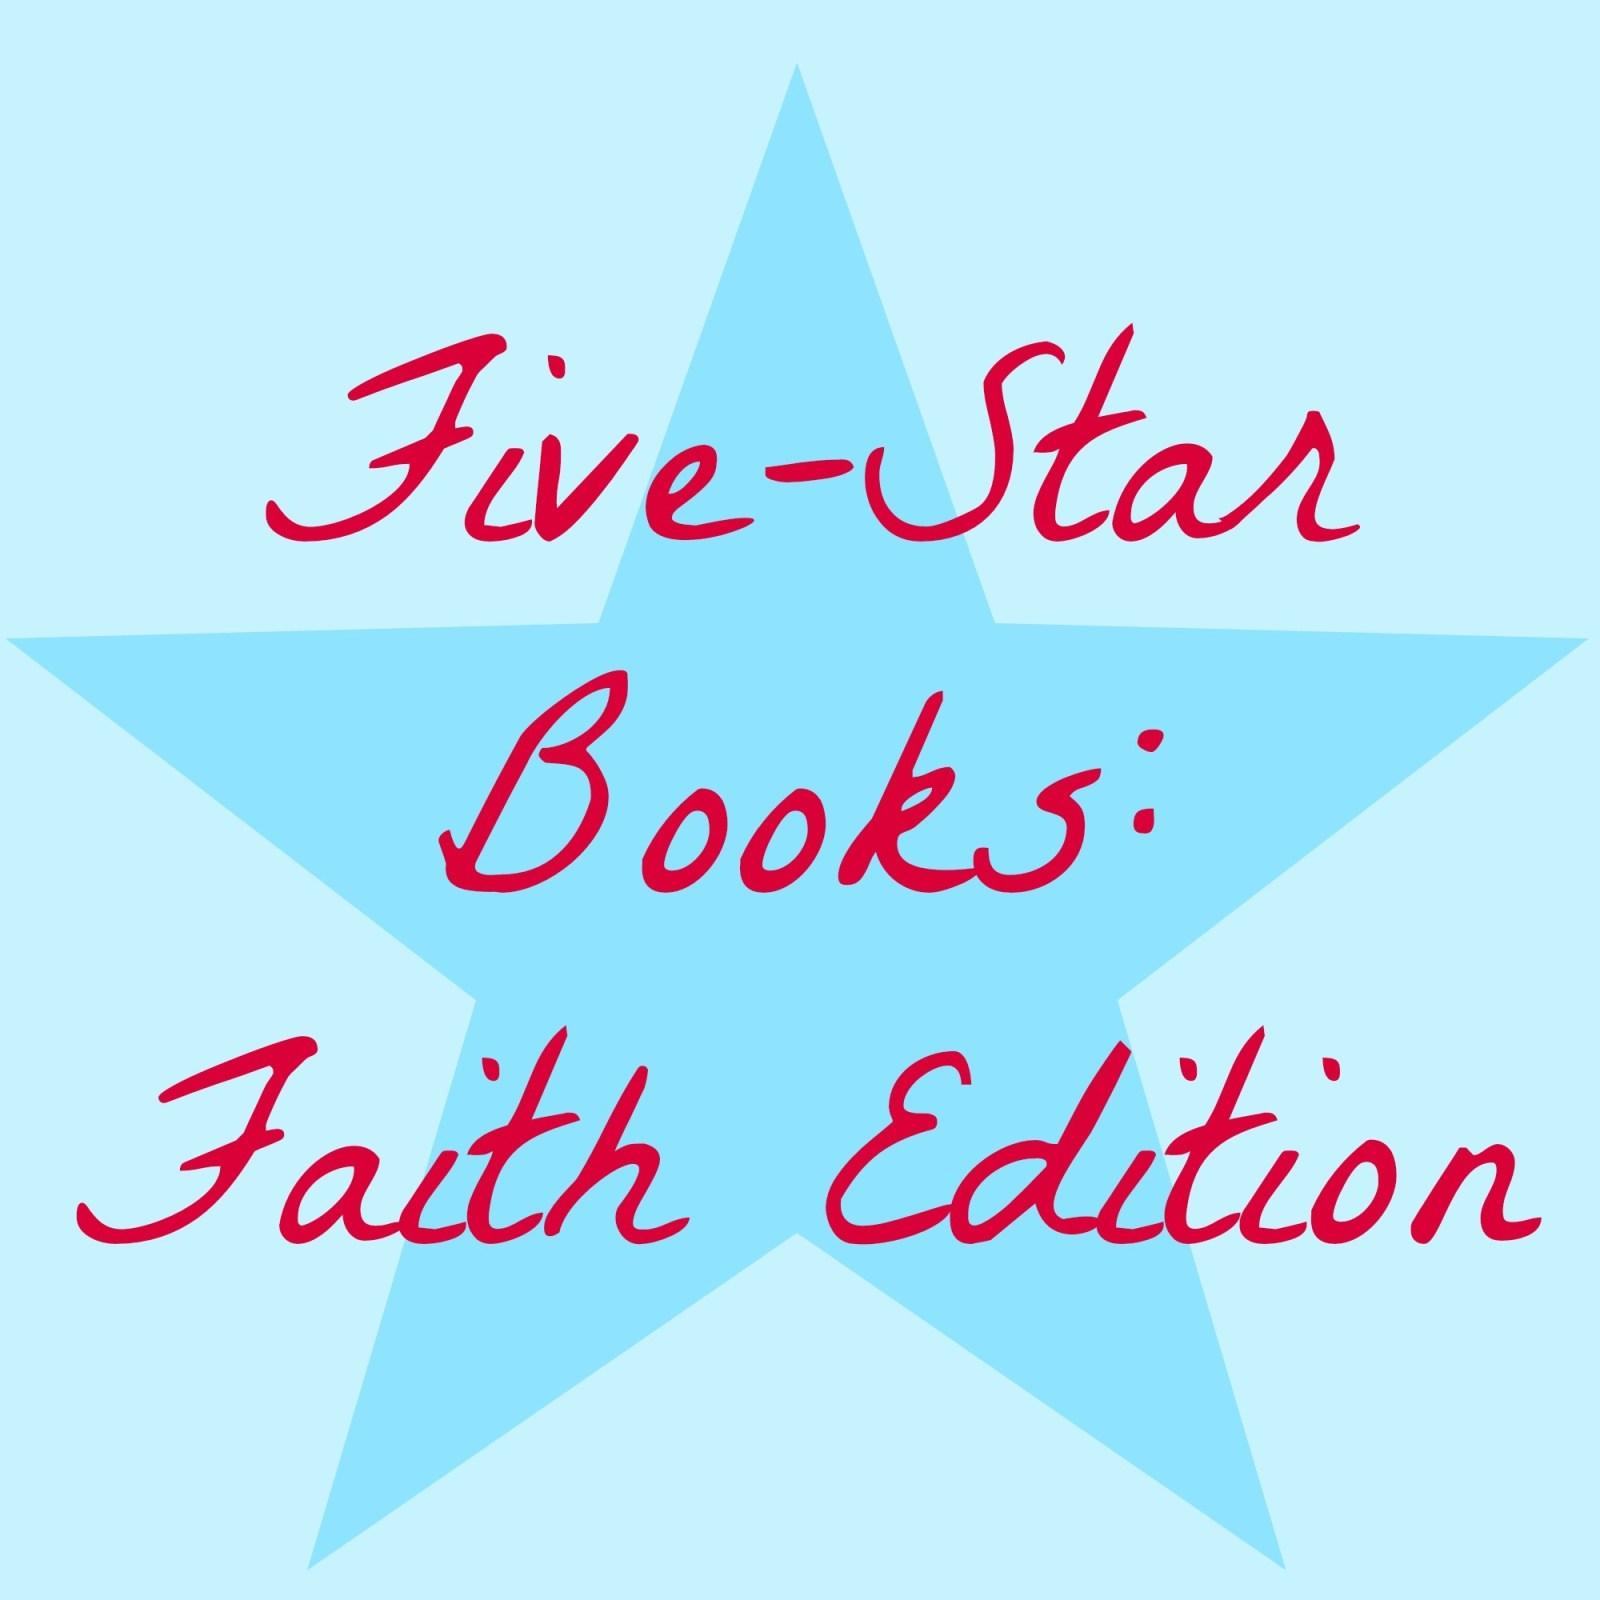 Five Star Books: Faith Edition